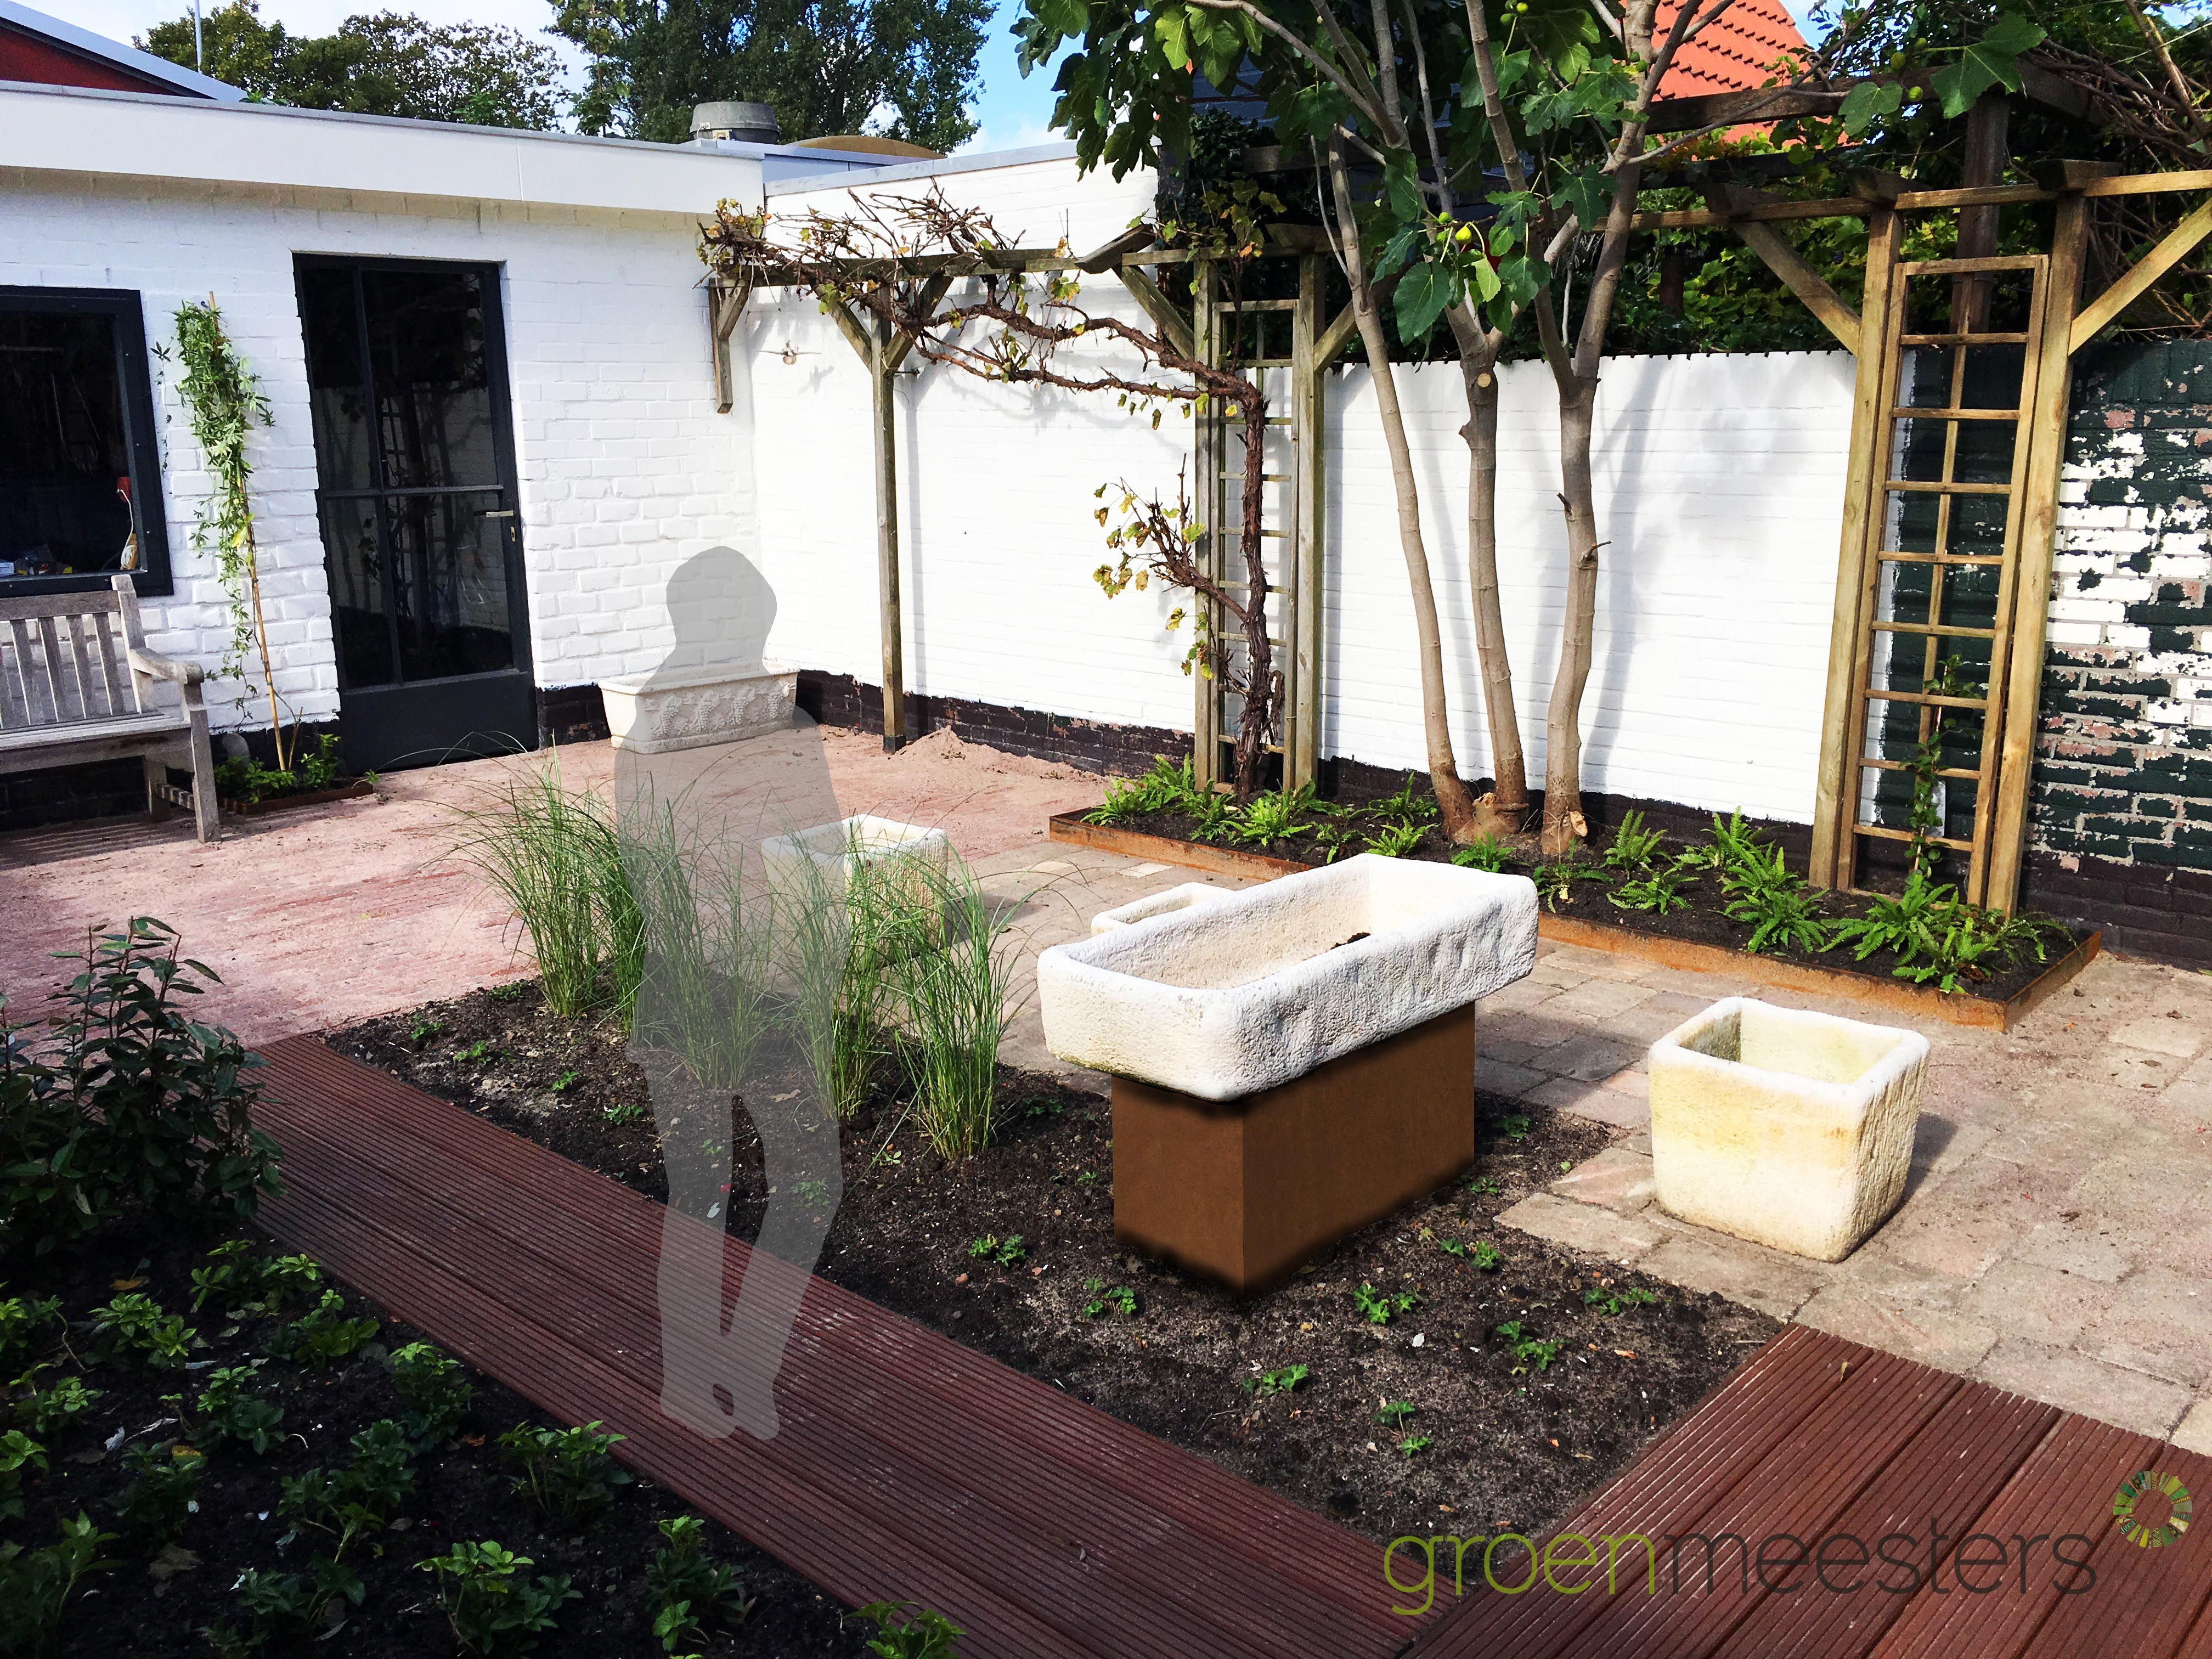 Kunstobjecten Voor Tuin : Een zonnige stadstuin met mediterraanse uitstraling en